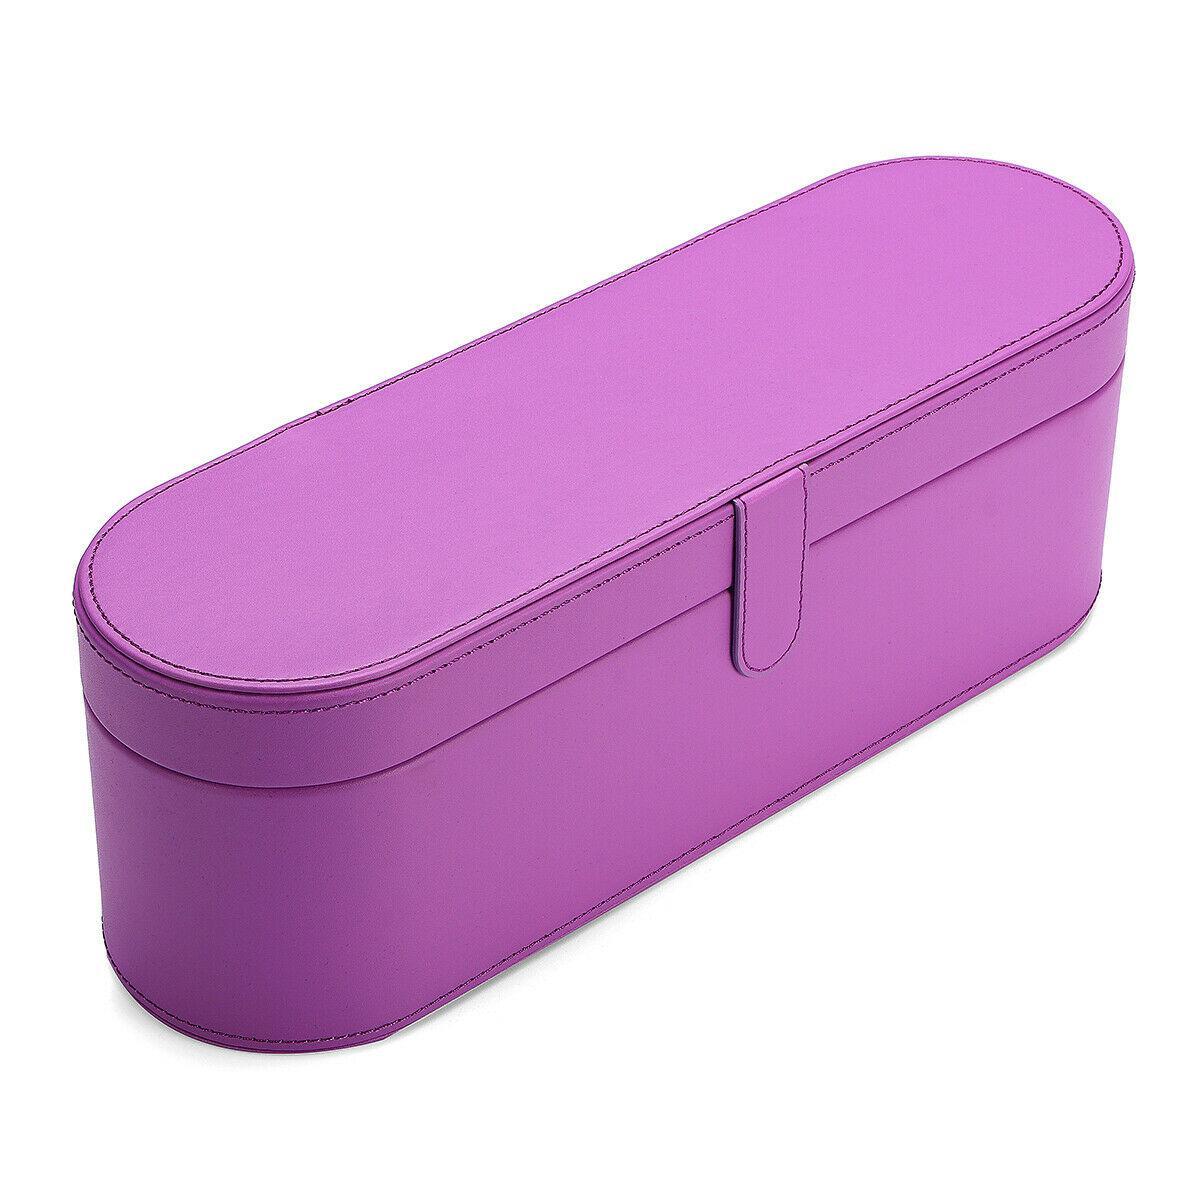 Портативный чехол для хранения фена Dyson Supersonic, фиолетовый